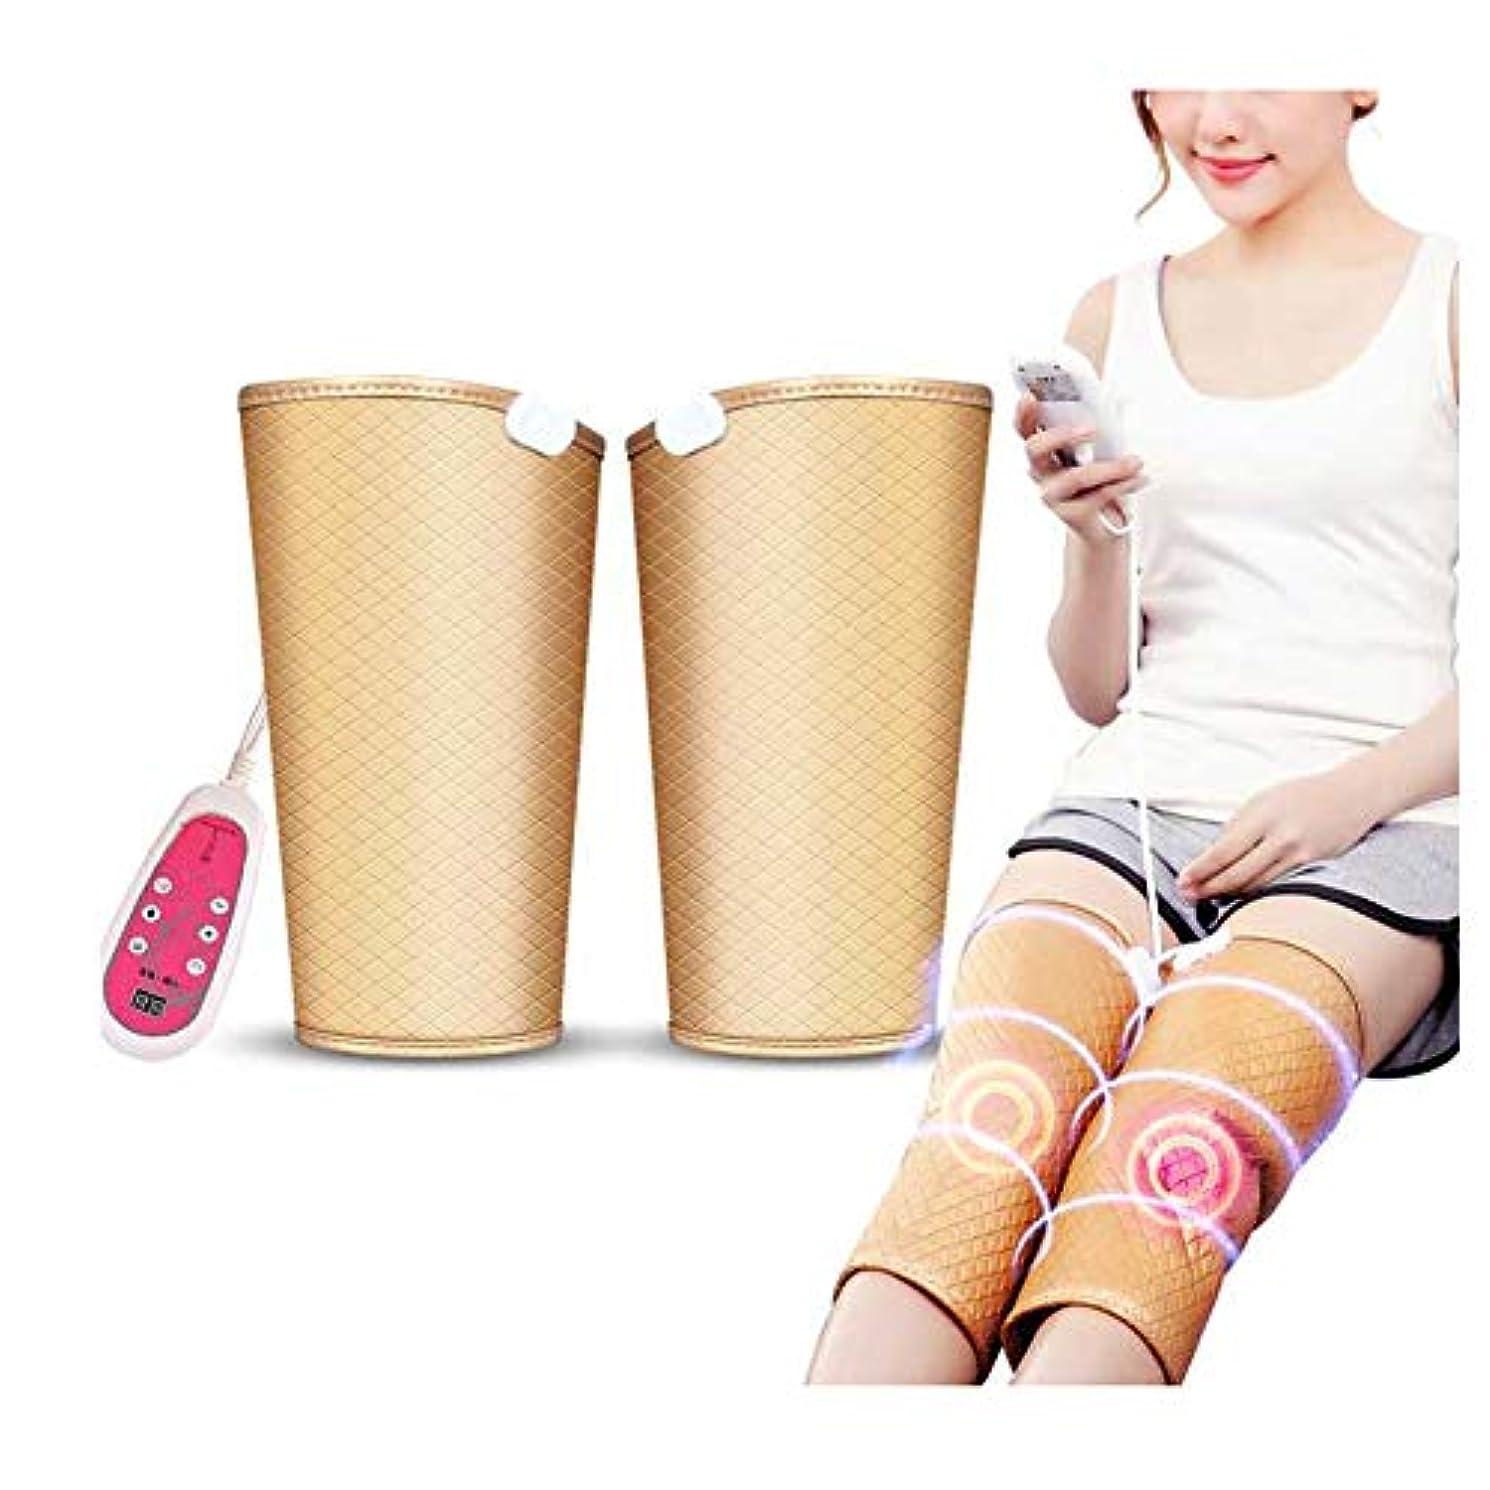 エレメンタル最適簡単な9種類のマッサージモードと5種類の速度を備えた加熱式膝装具-膝治療用膝セラピーマッサージャー-加熱膝パッド